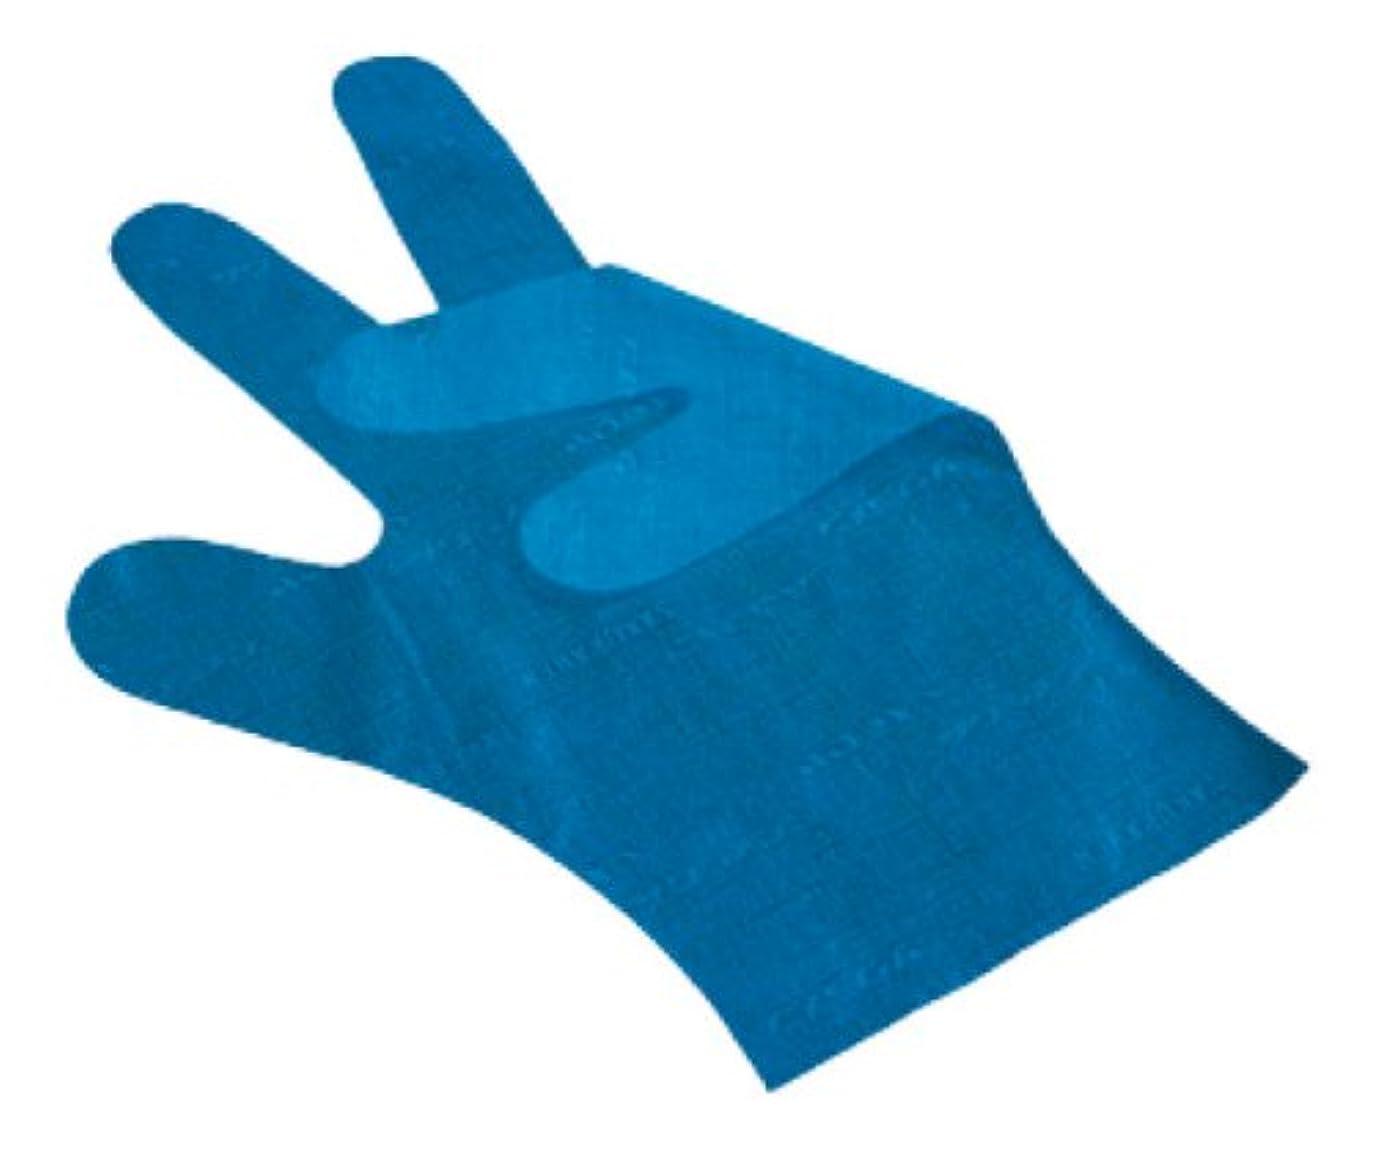 願う一目不倫サクラメン手袋 デラックス(100枚入)M ブルー 35μ